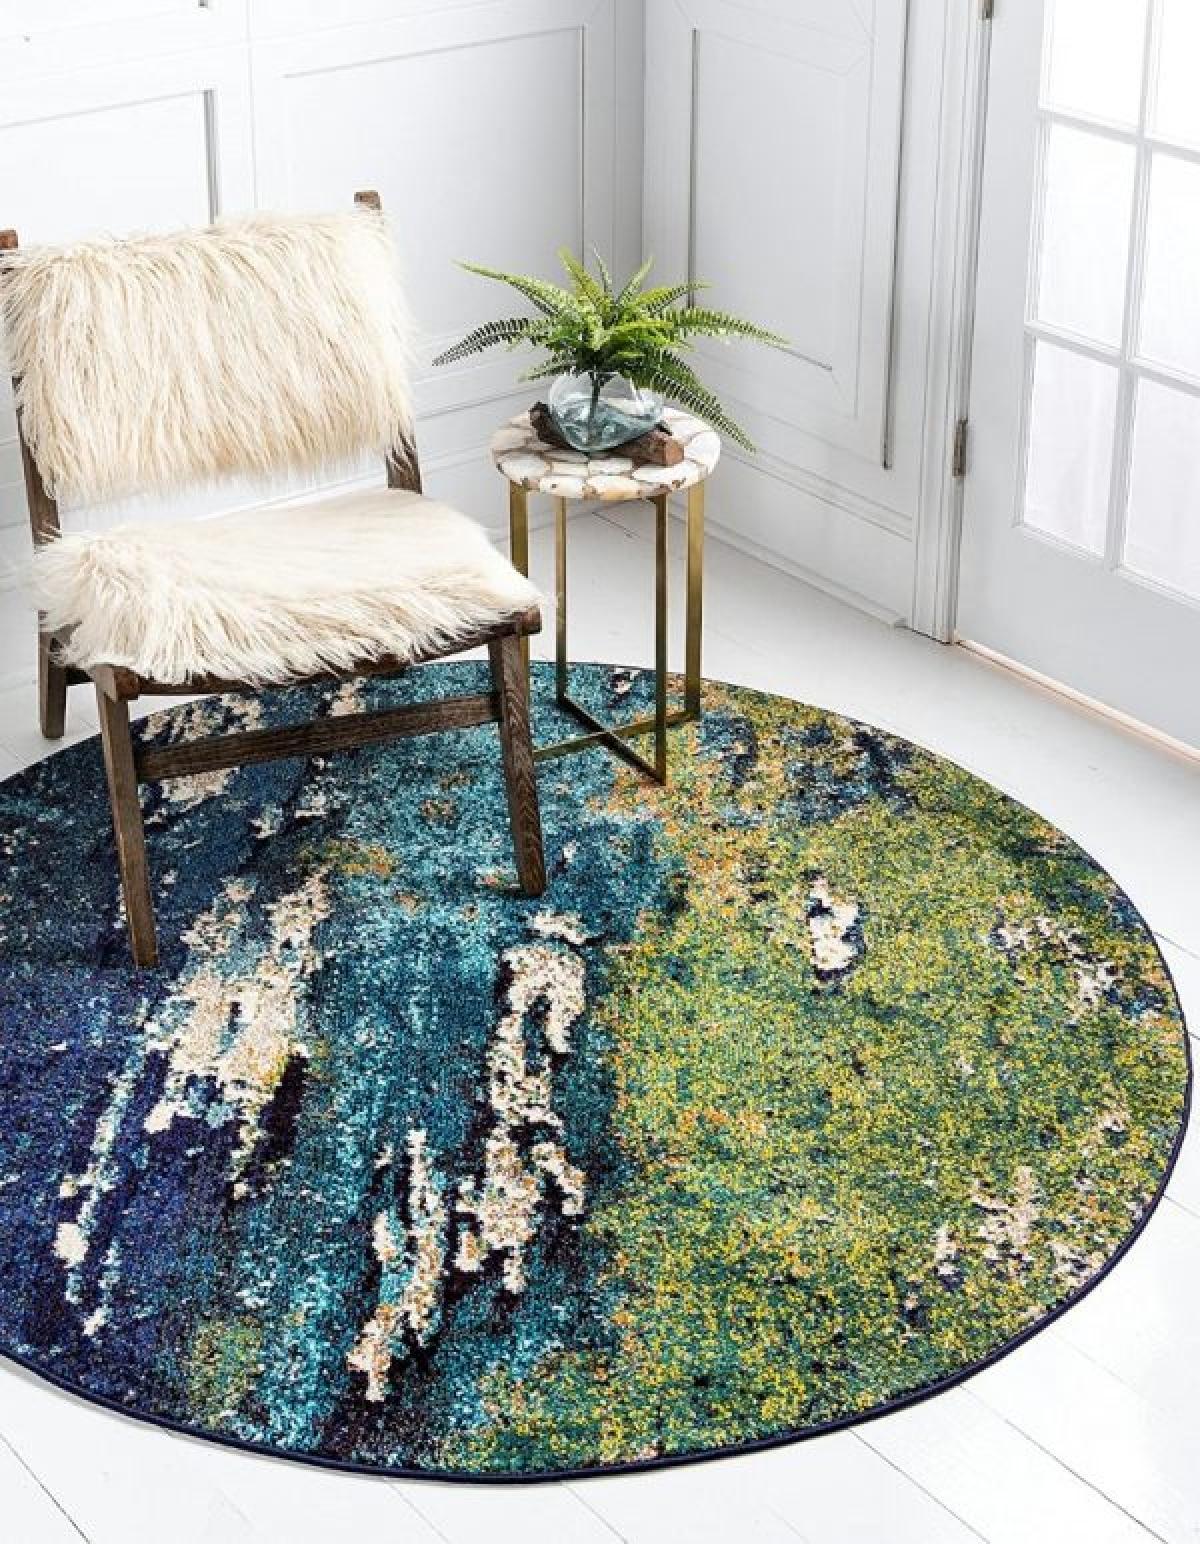 Hoạ tiết trừu tượng của tấm thảm lấy cảm hứng từ thế giới tự nhiên và khiến chúng thành điểm nhấn sinh động trong căn phòng.